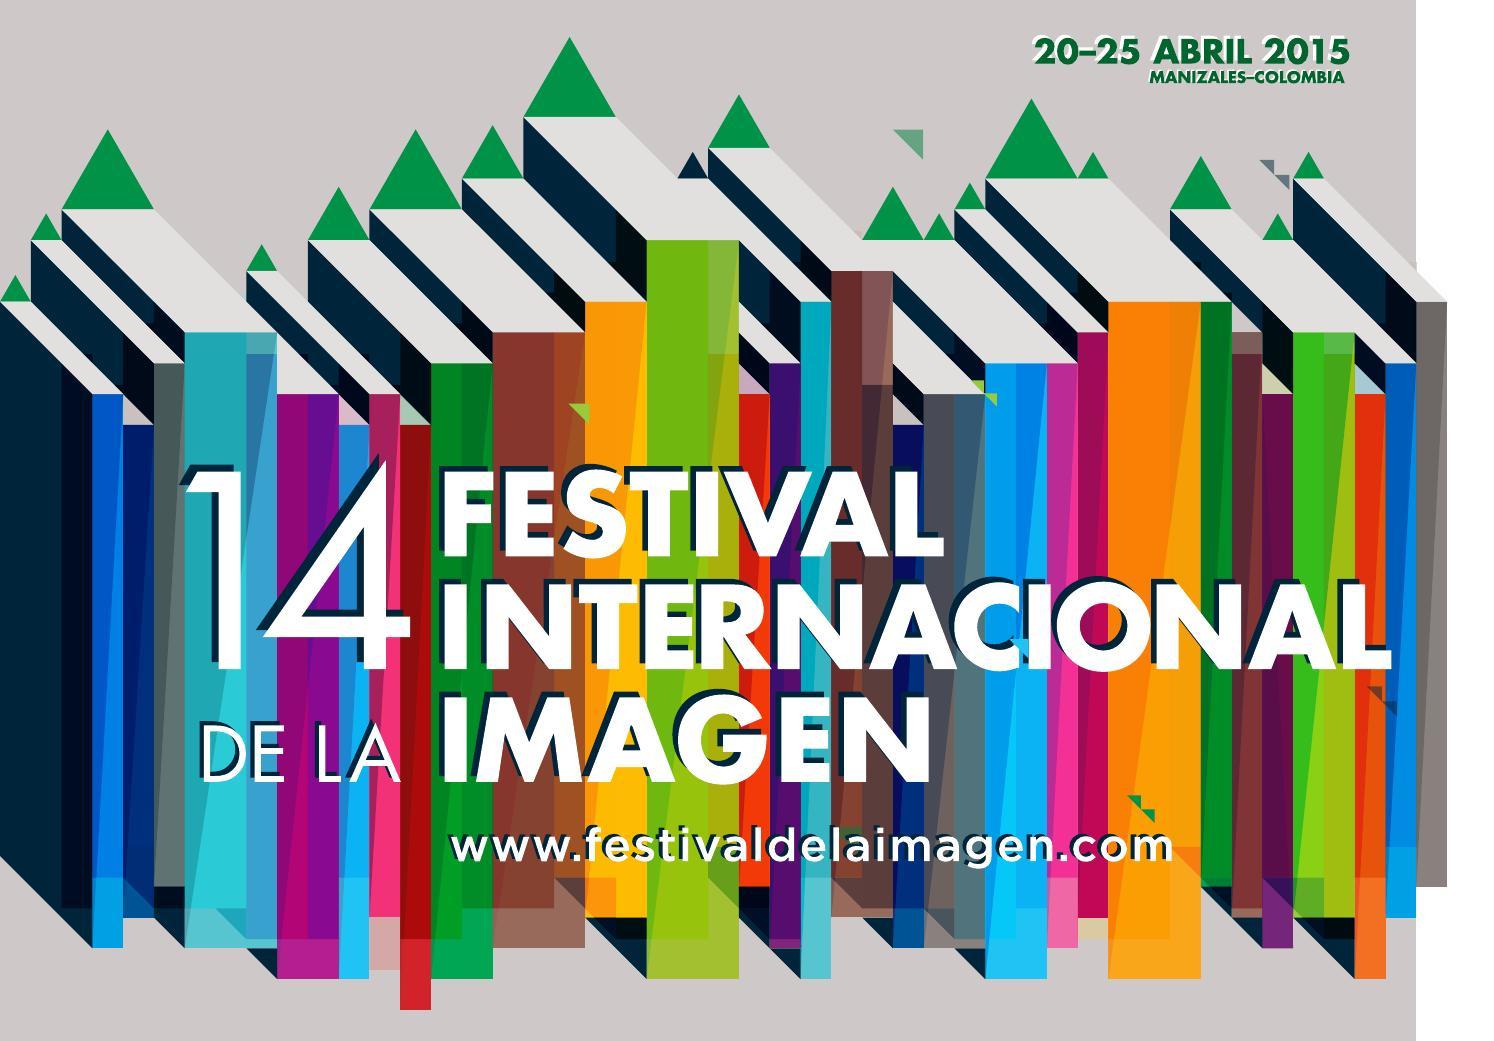 76a94bcbb2bcb Catálogo 14 Festival Internacional de la Imagen by Festival Internacional de  la Imagen - issuu